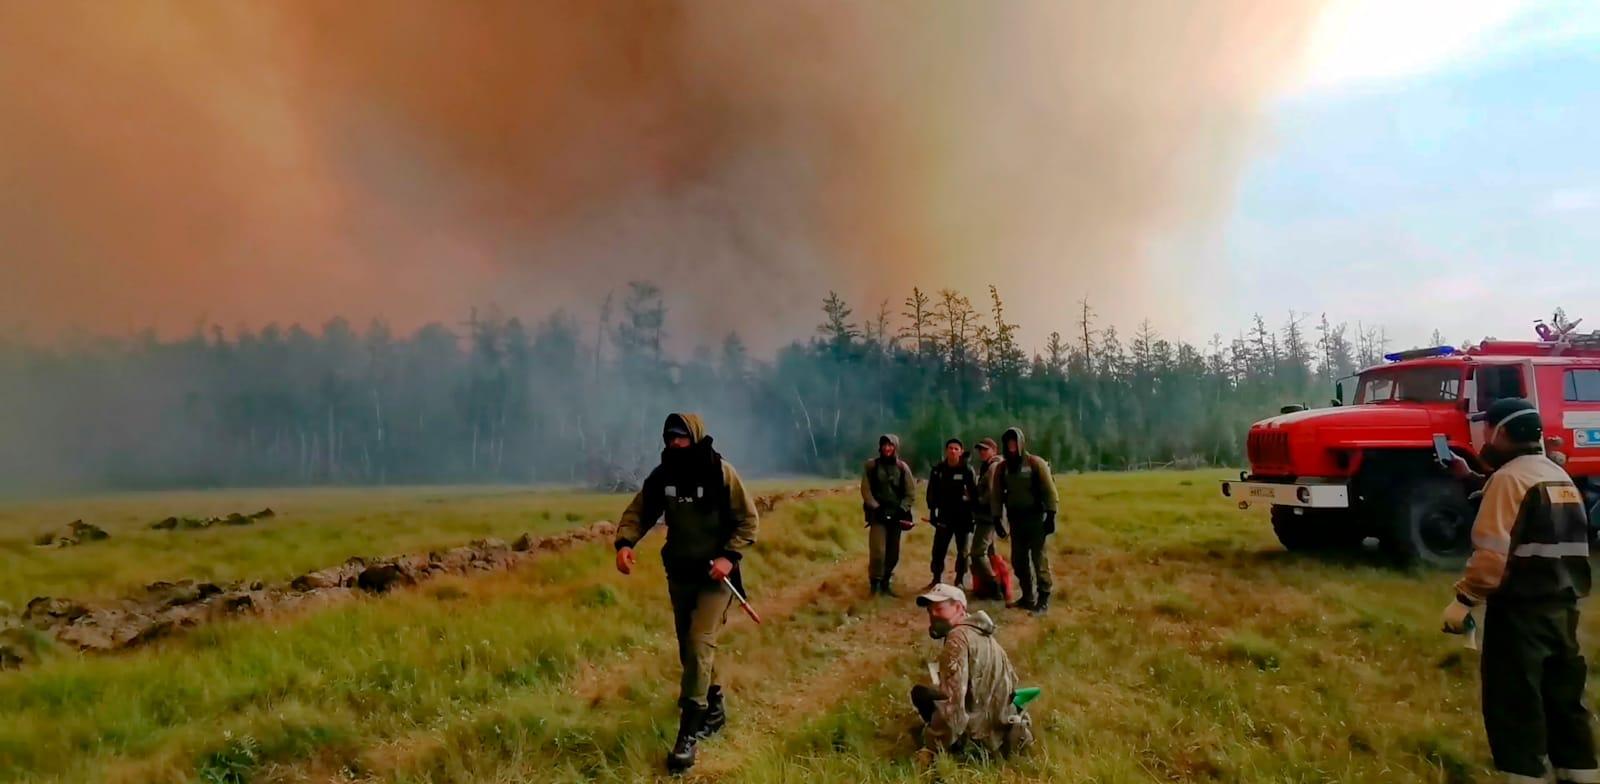 לוחמי האש פועלים בסיביר / צילום: Associated Press, Ivan Nikiforov